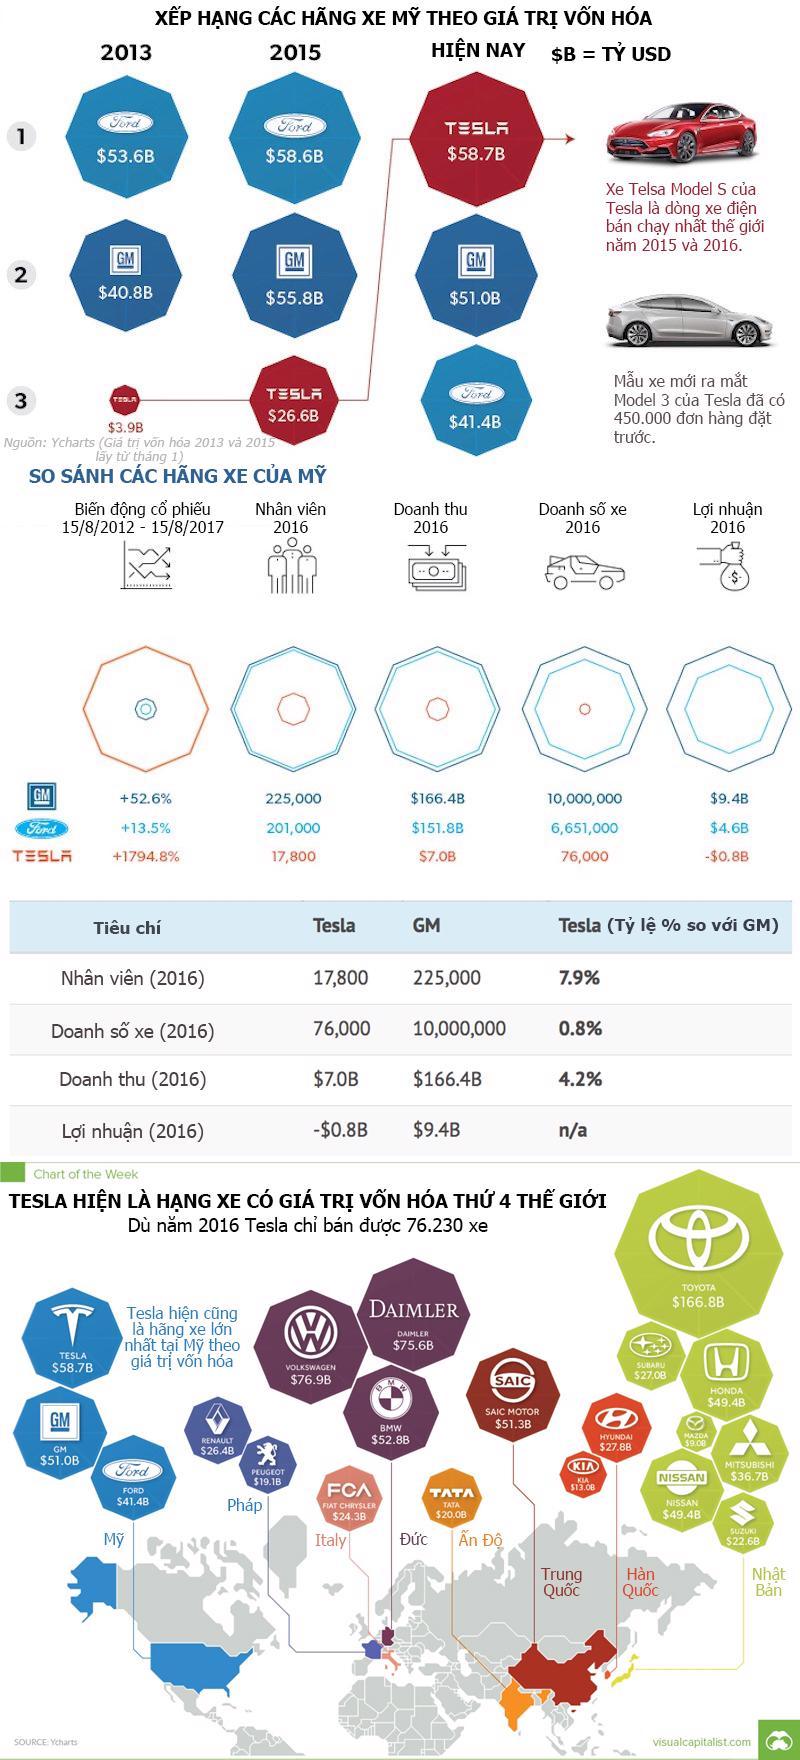 Hiện Tesla có giá trị vốn hóa 58,7 tỷ USD.<br>